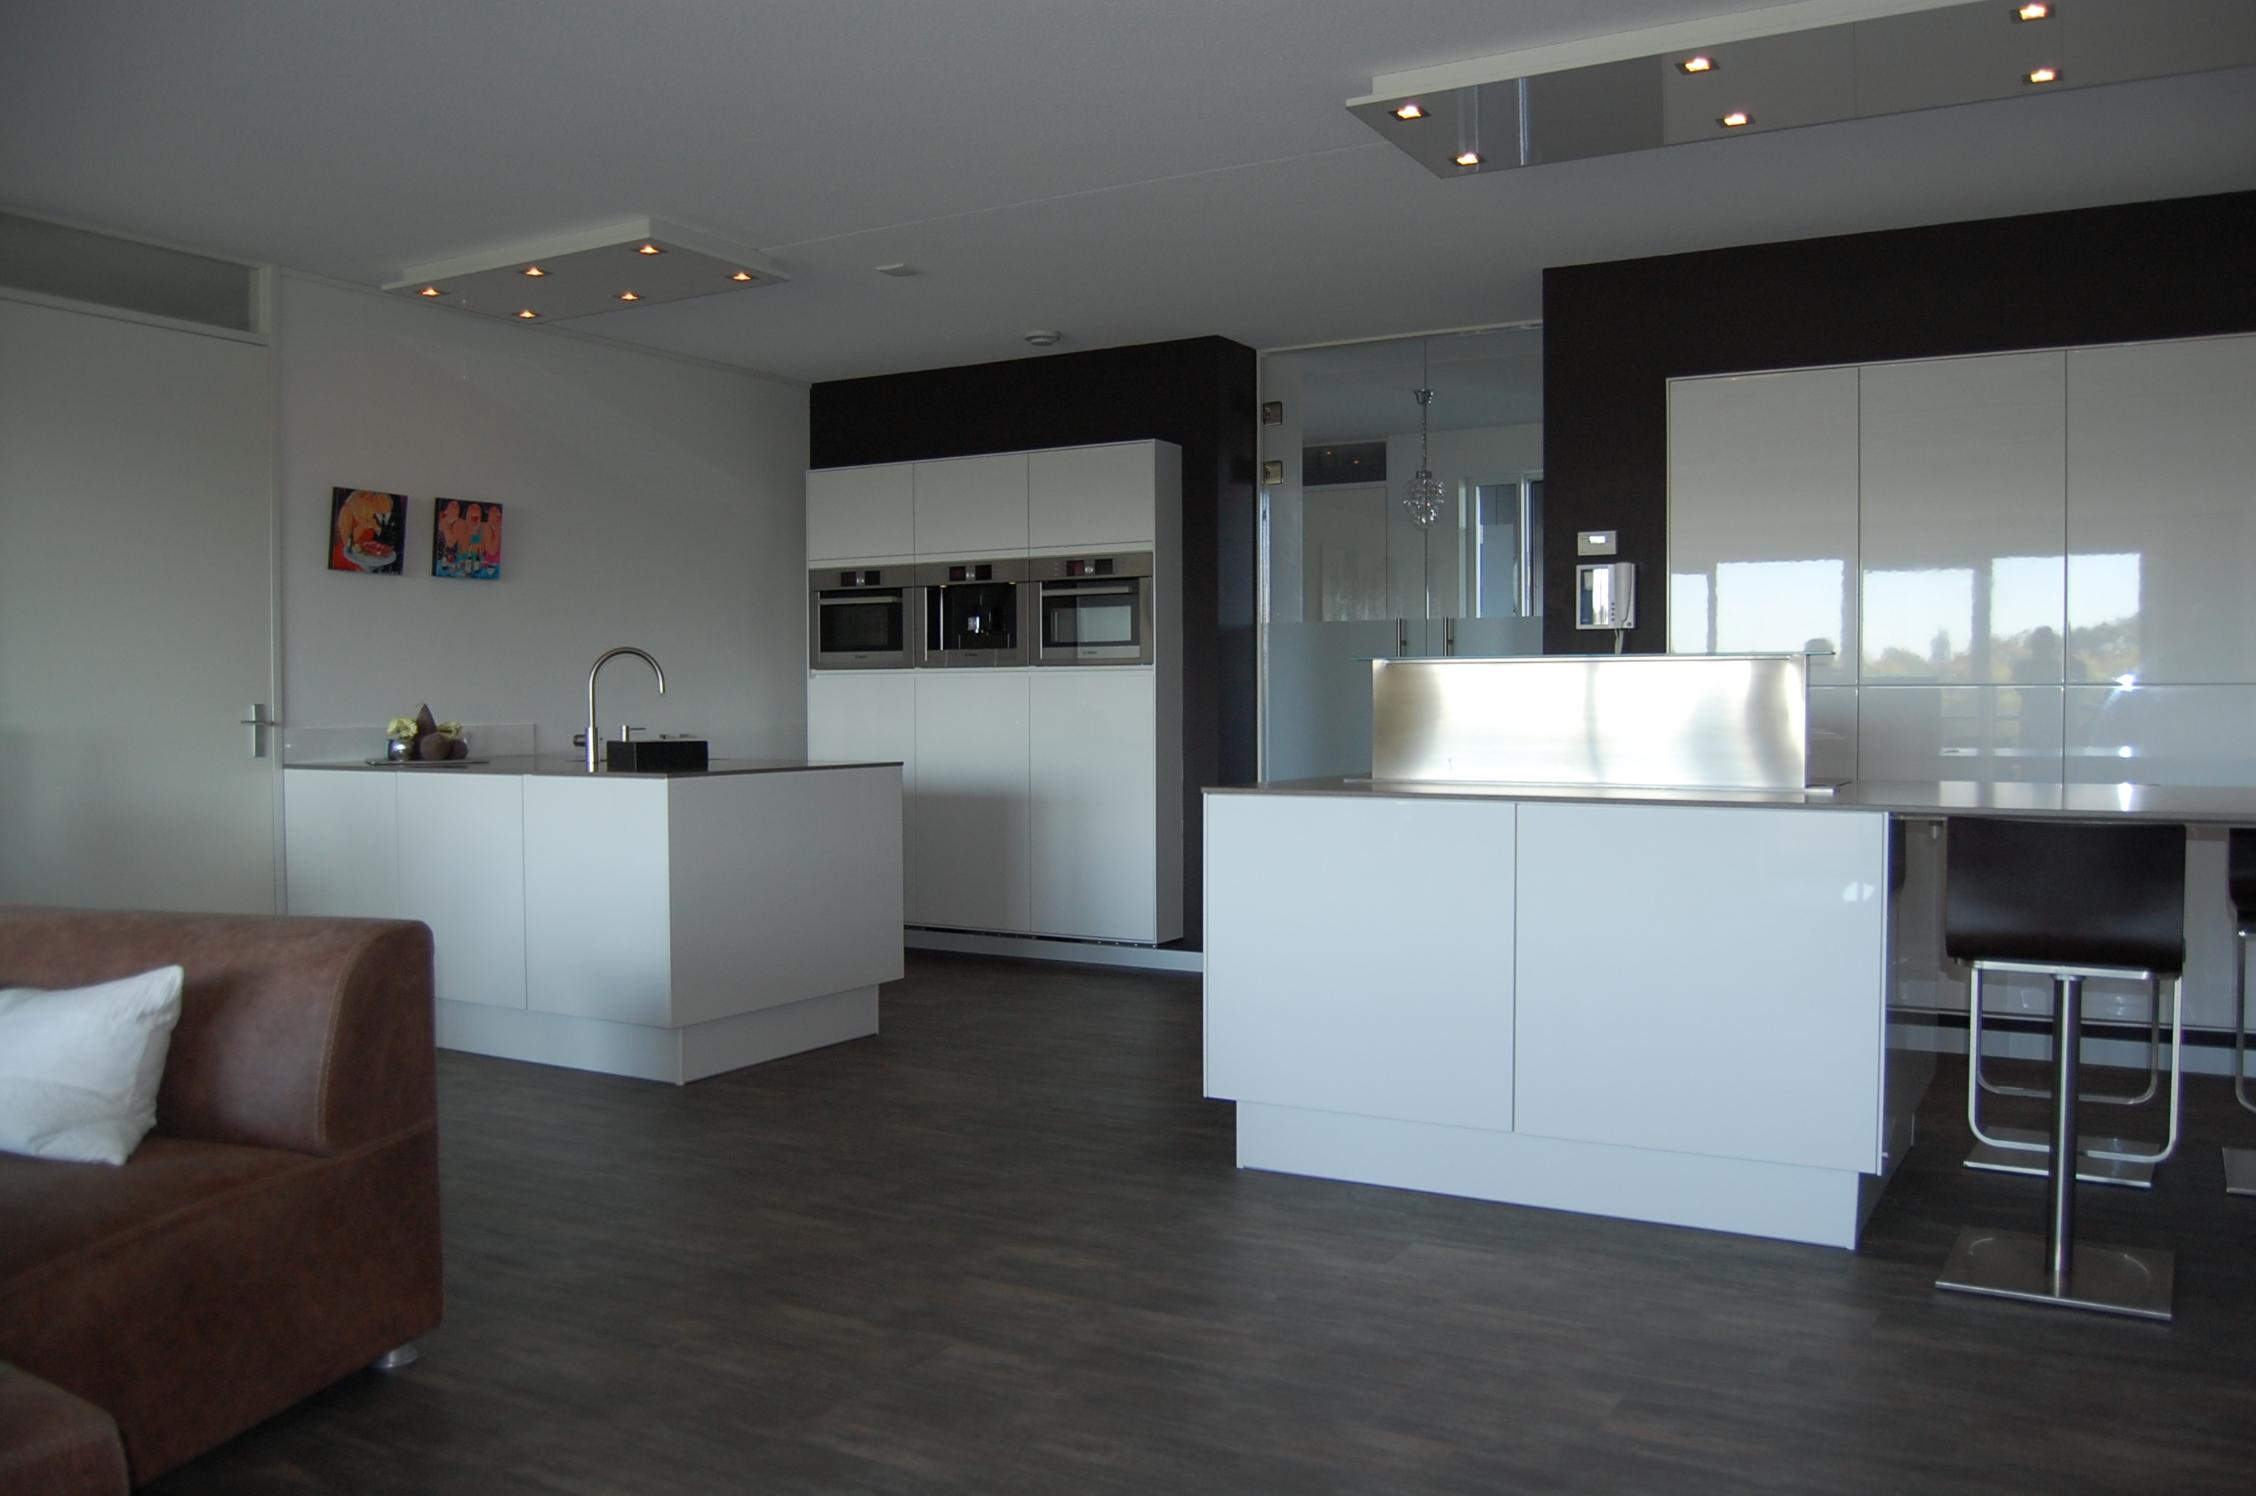 Hl Keukens En Kasten Gespecialiseerd In Maatwerk En Design